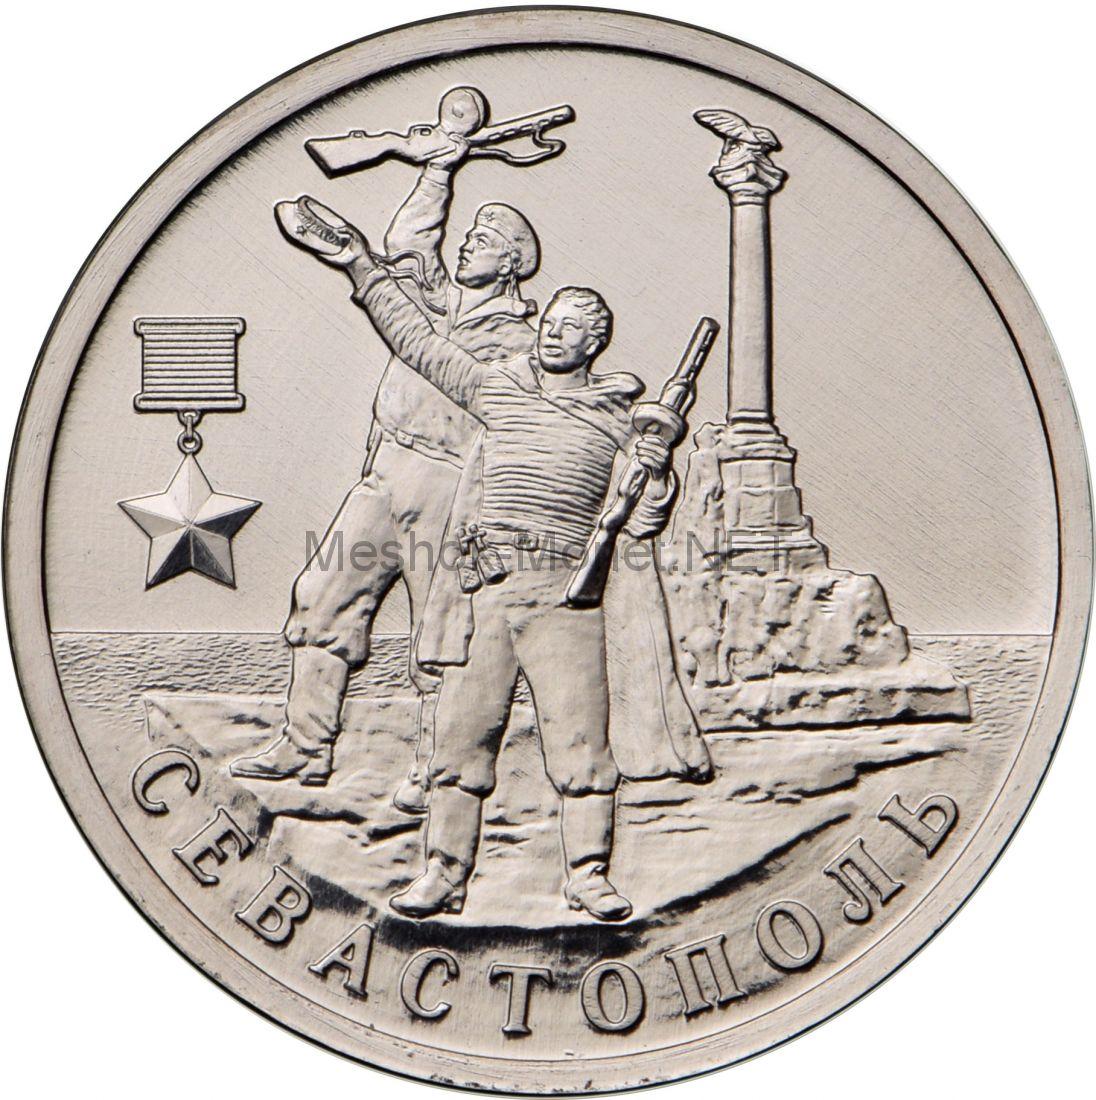 2 рубля 2017 год Город-герой Севастополь UNC